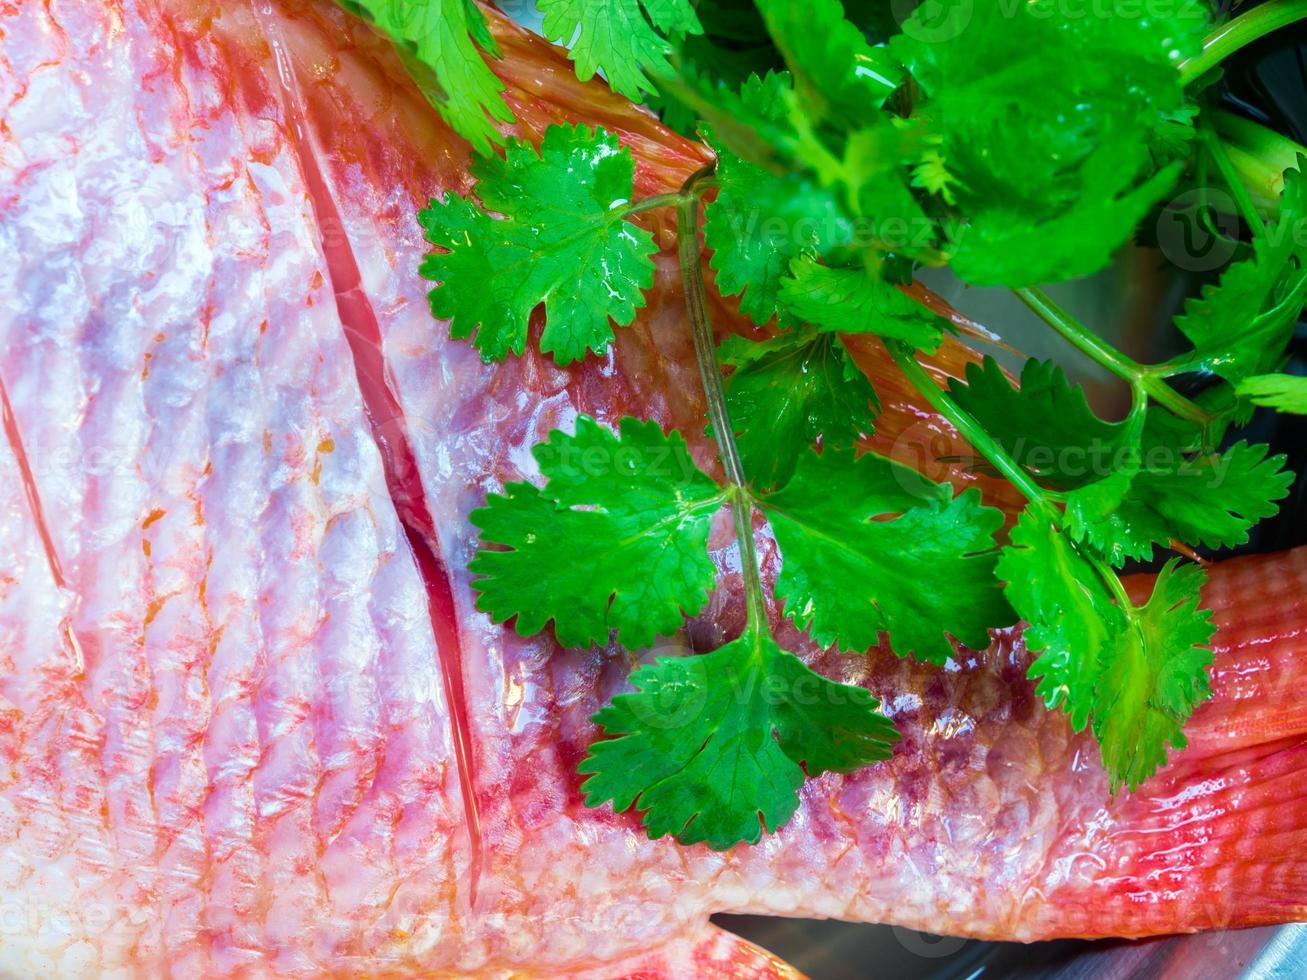 les poissons frais sont congelés préparez-vous à la cuisson photo